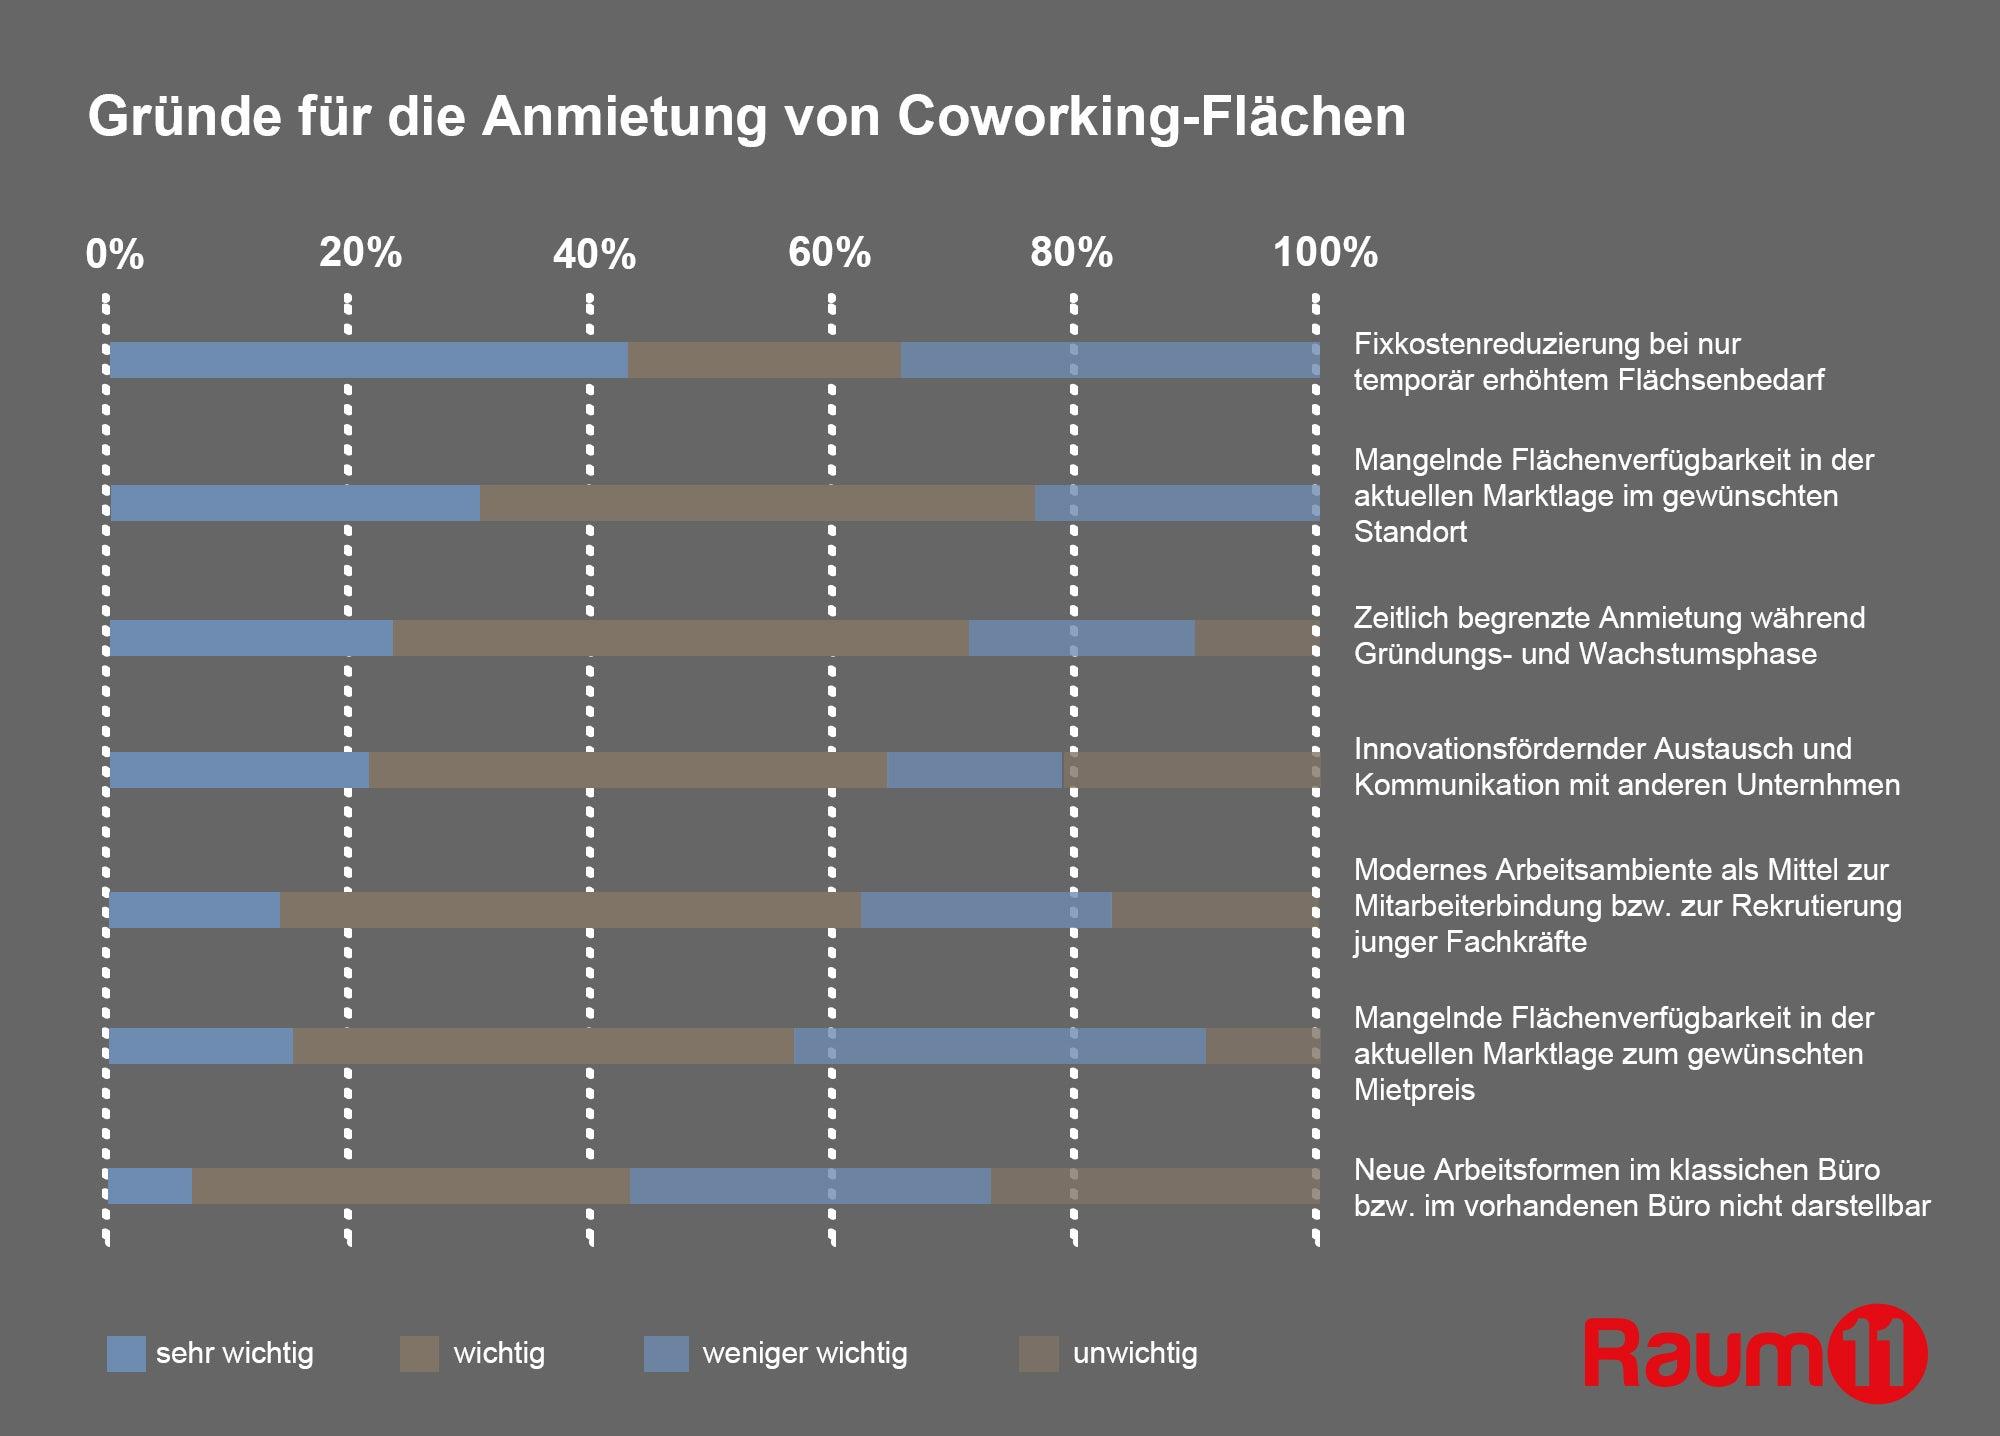 Gründe Anmietung von Coworking-Flächen - Raum11